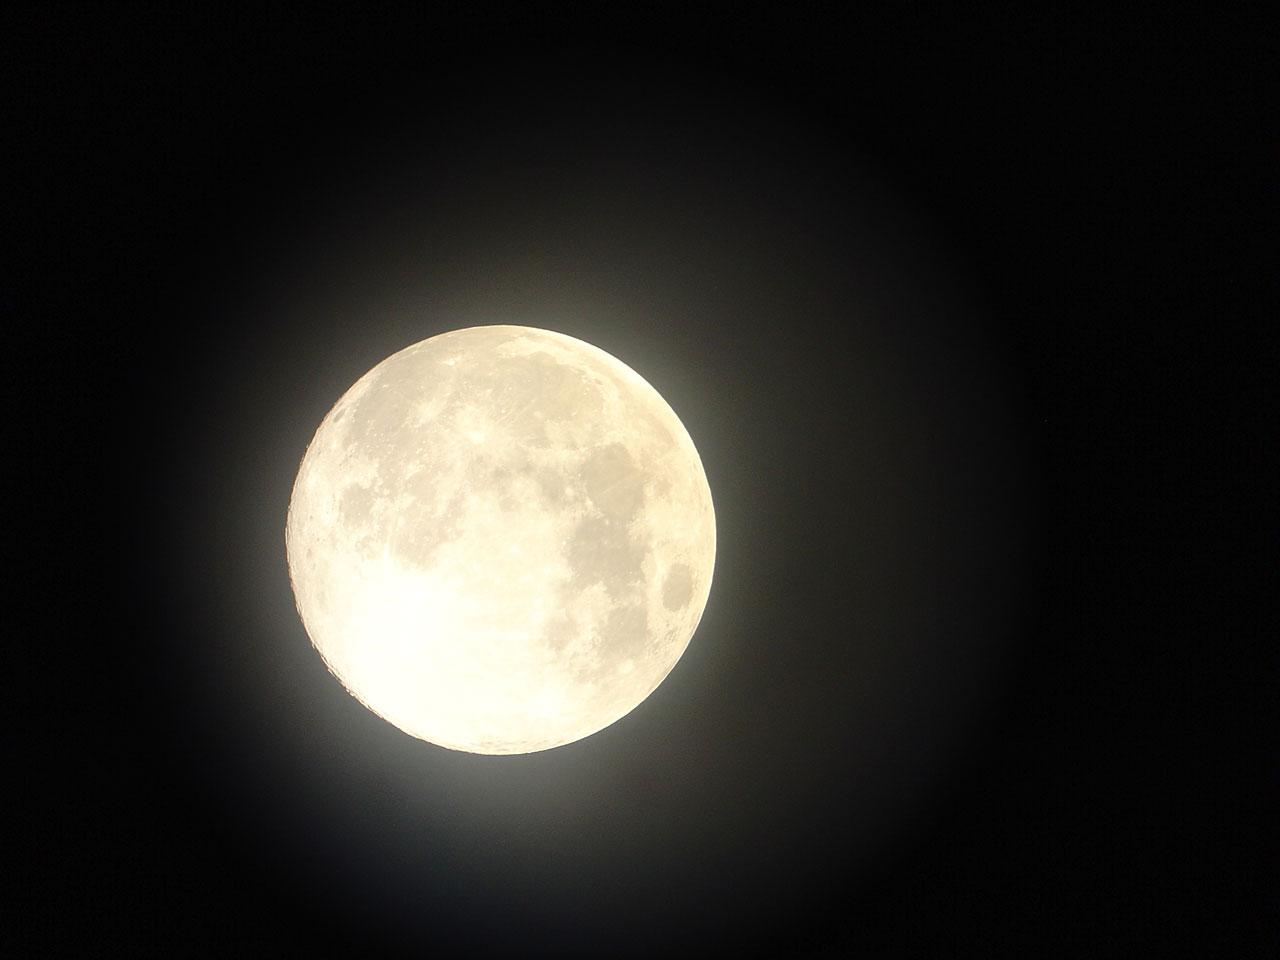 Arri Ganas de dibujar con luna llena